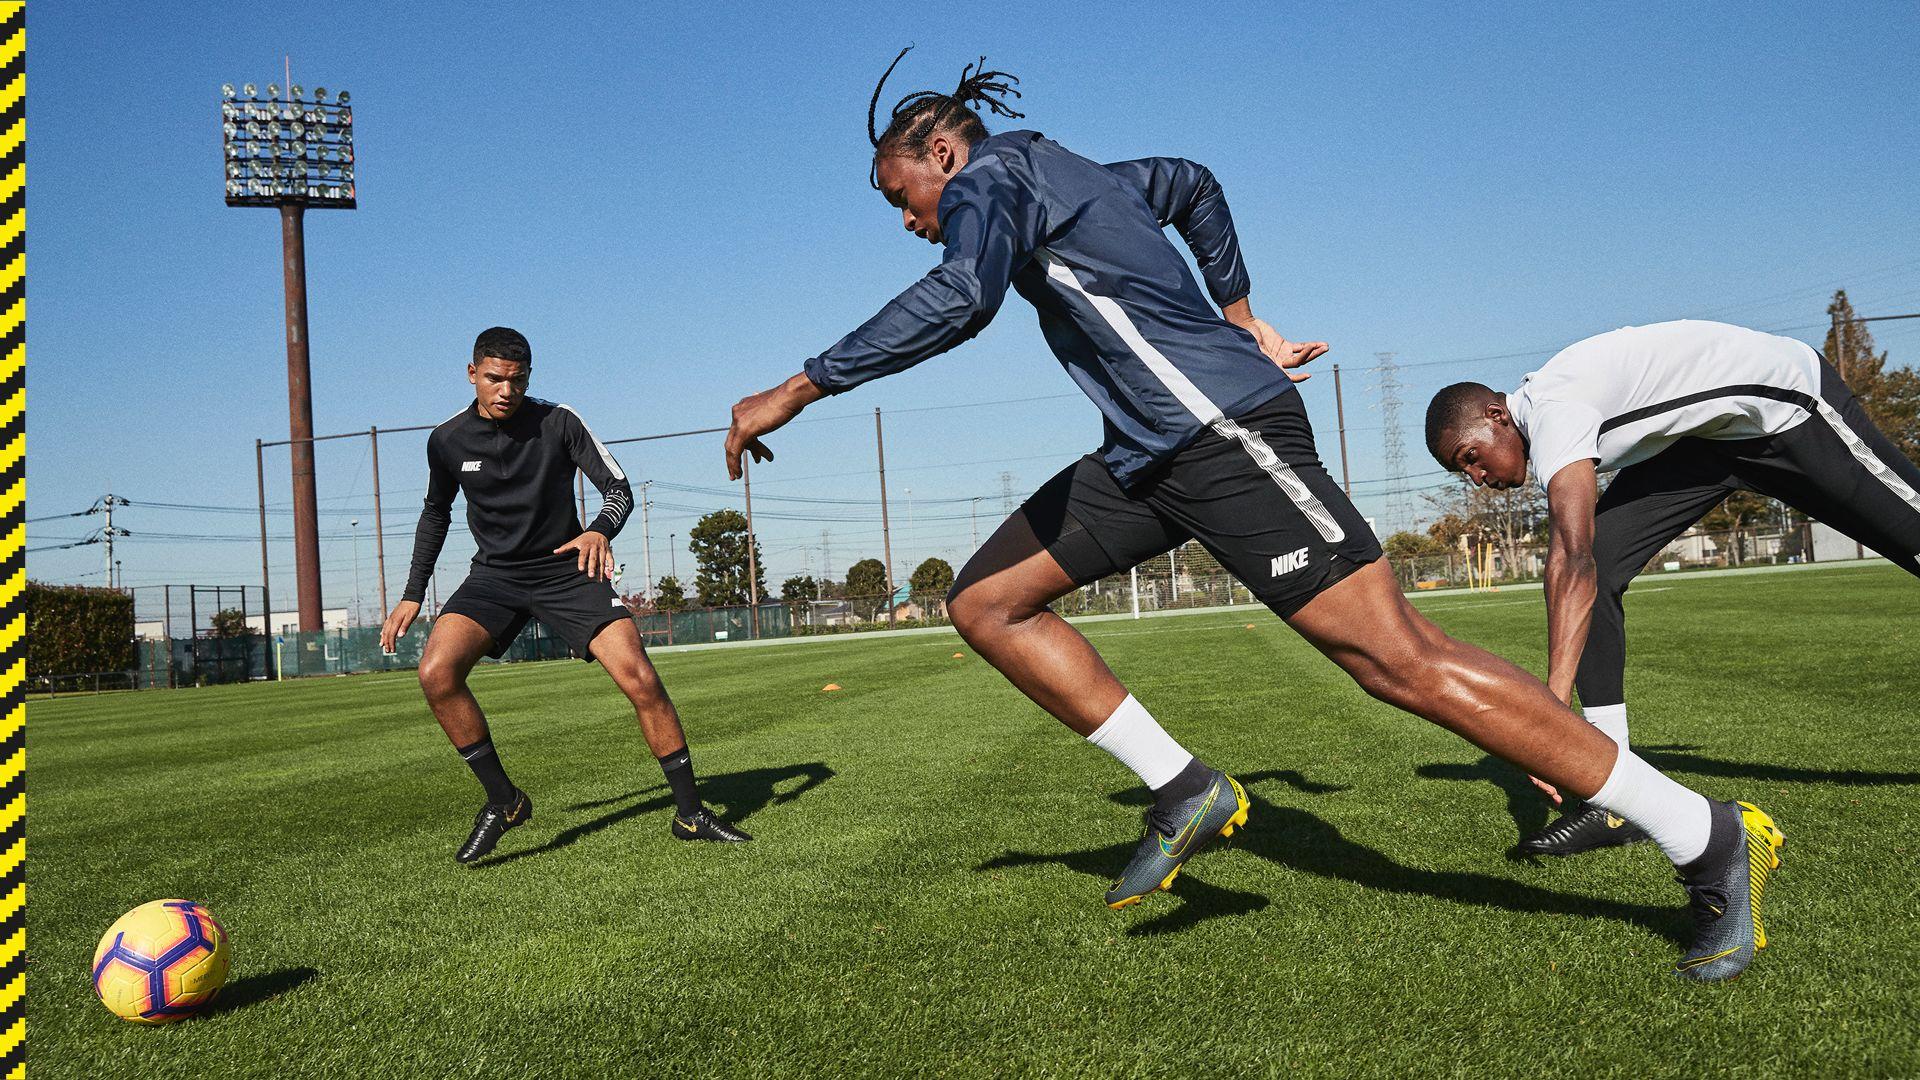 FootballEs De Nike Entrenamiento De Productos Productos Entrenamiento WDYEHI29